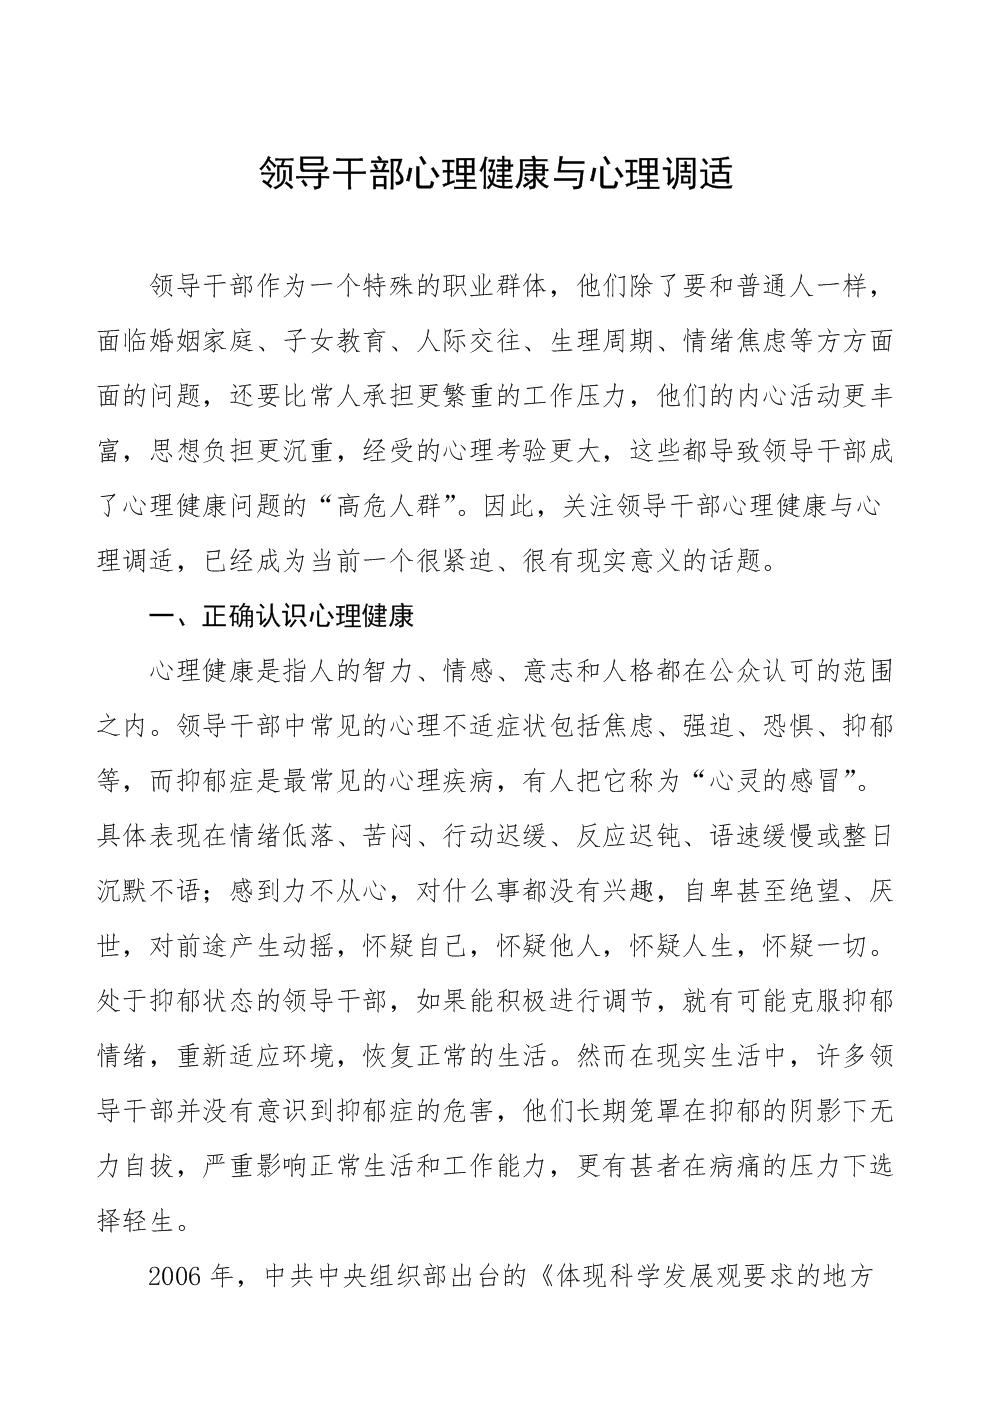 【讲座讲稿】领导干部心理健康与心理调适.doc